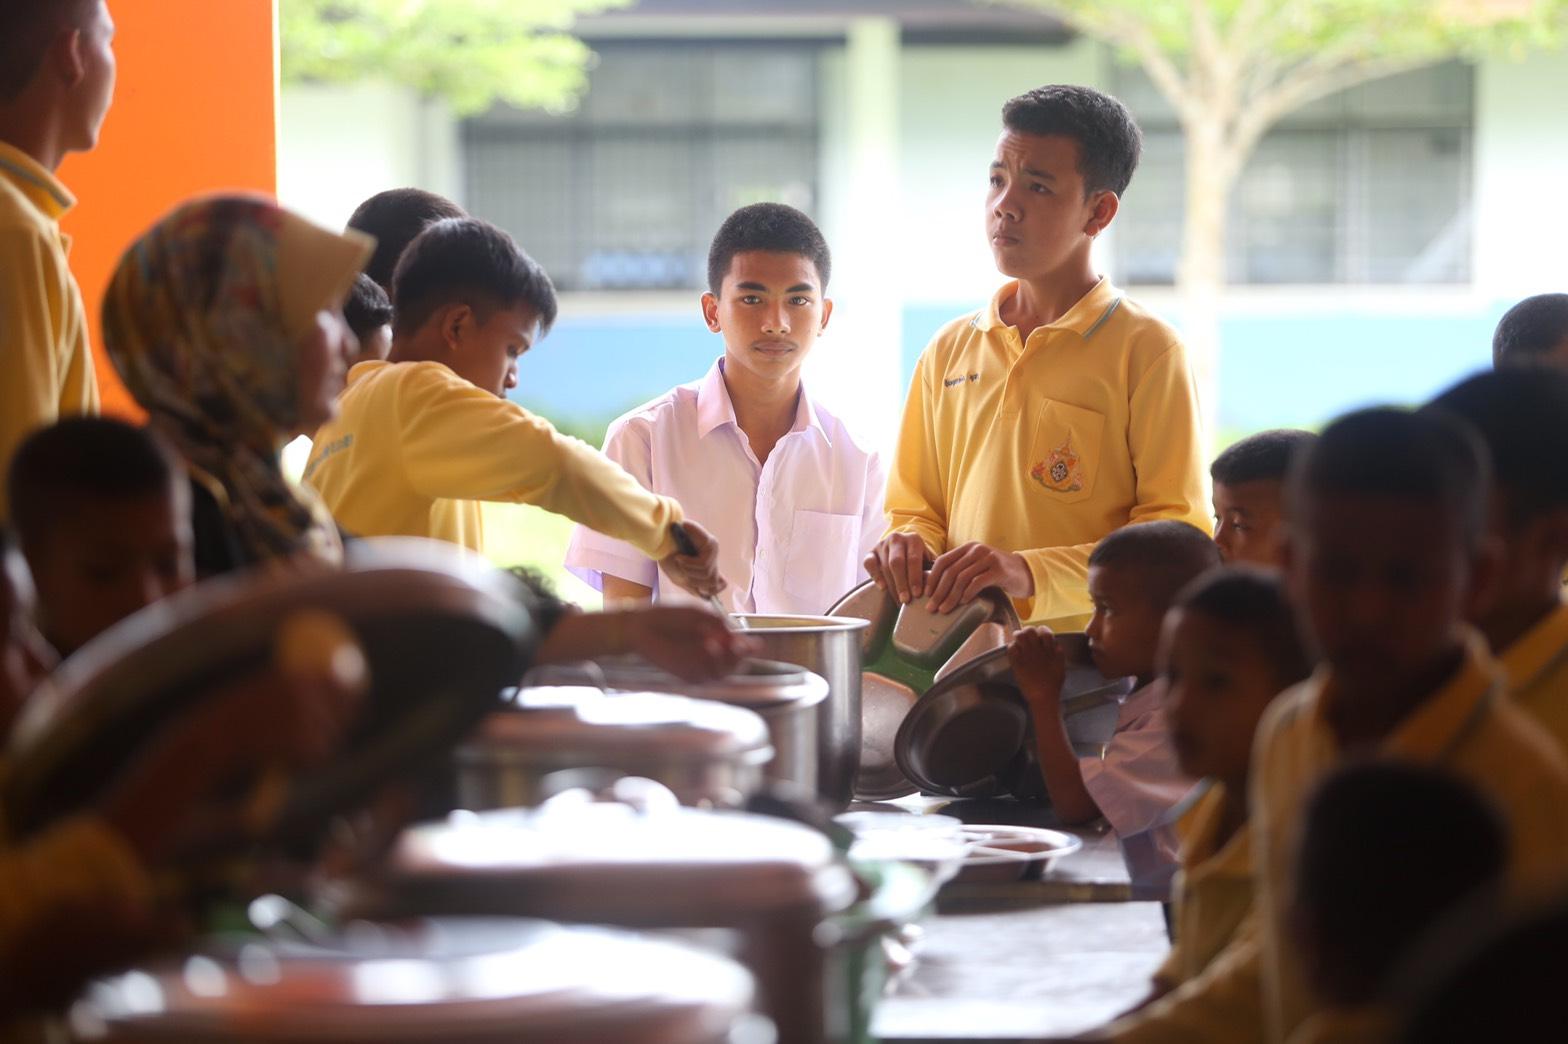 กสศ.ช่วยเด็กแล้วกว่า 5 พันคน ป้องกันหลุดระบบการศึกษาซ้ำ ระดมทีมดูแลเคสบายเคส